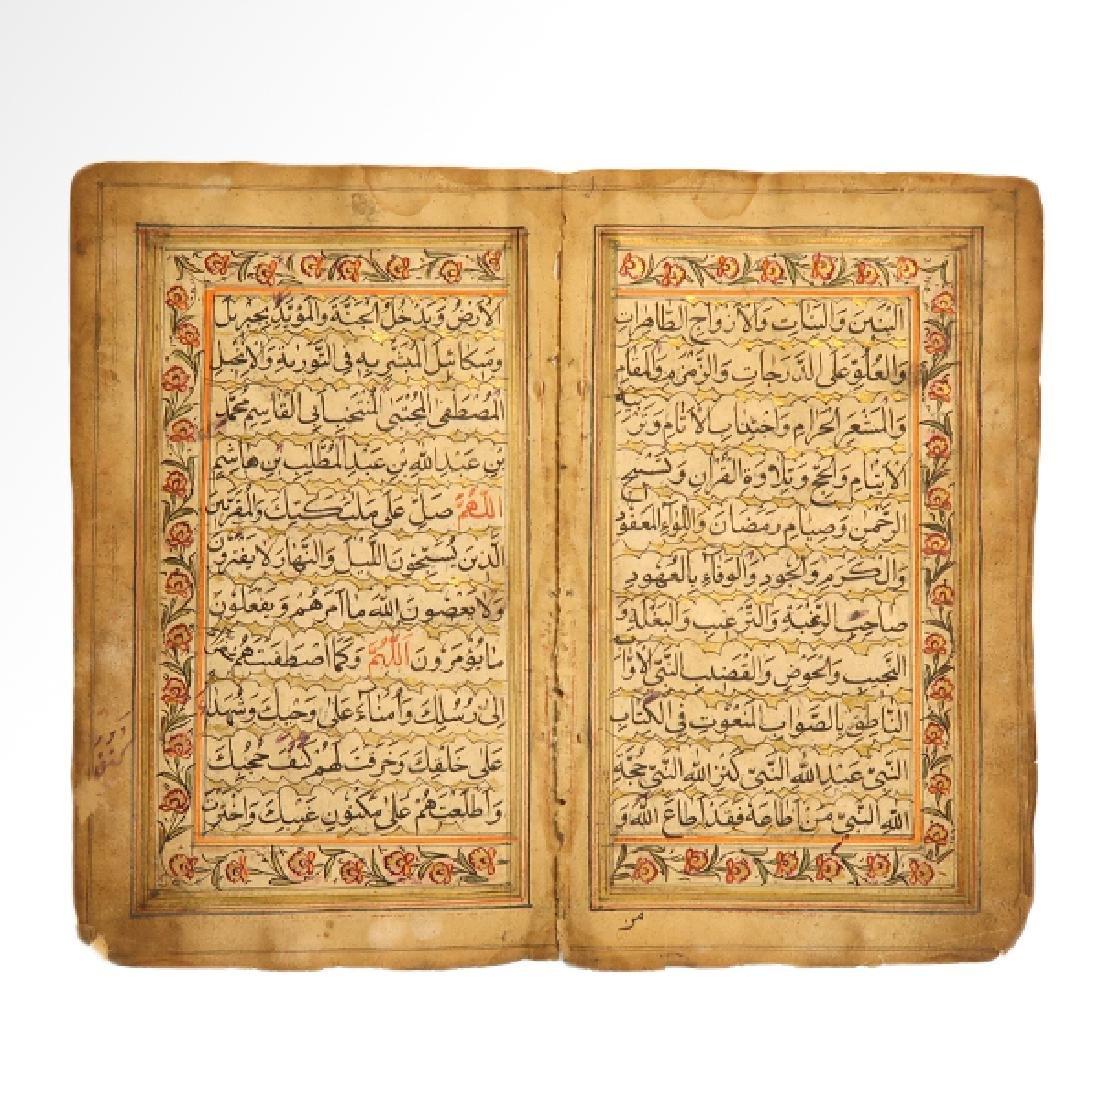 Islamic Illuminated Arabic Manuscript, Double Leaf of